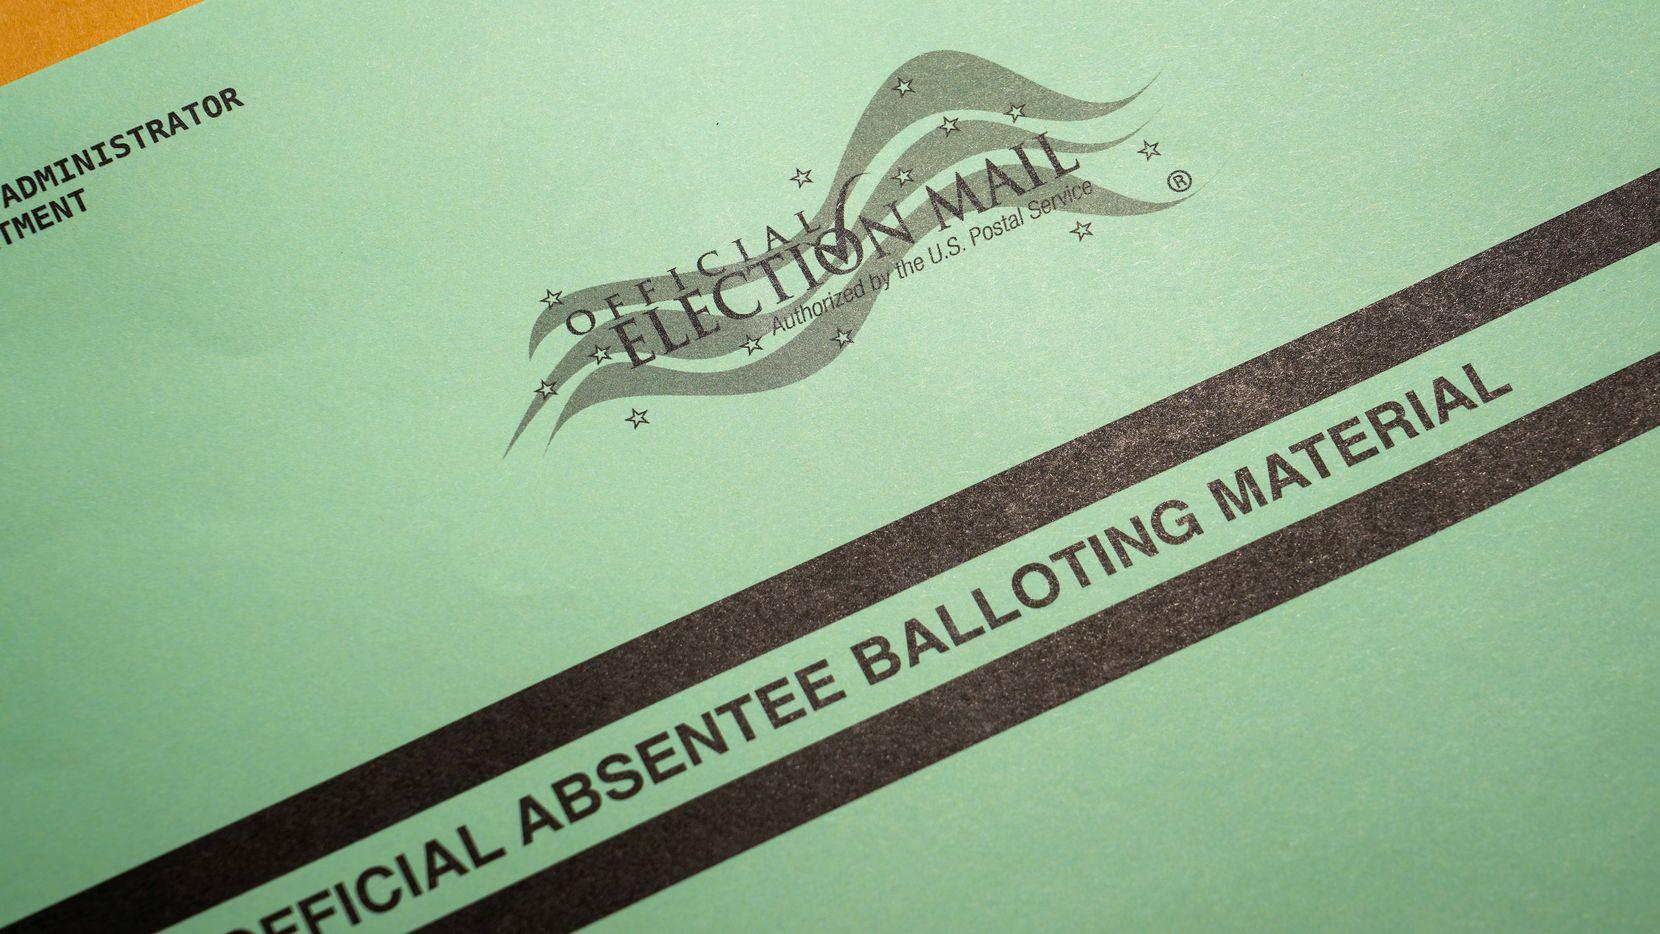 El voto por correo en Texas ha sido fuente de controversia. Muchos votantes han entregado su voto y les ha sido devueto por el correo, otros recibieron el voto ausente pese a que no lo solicitaron.